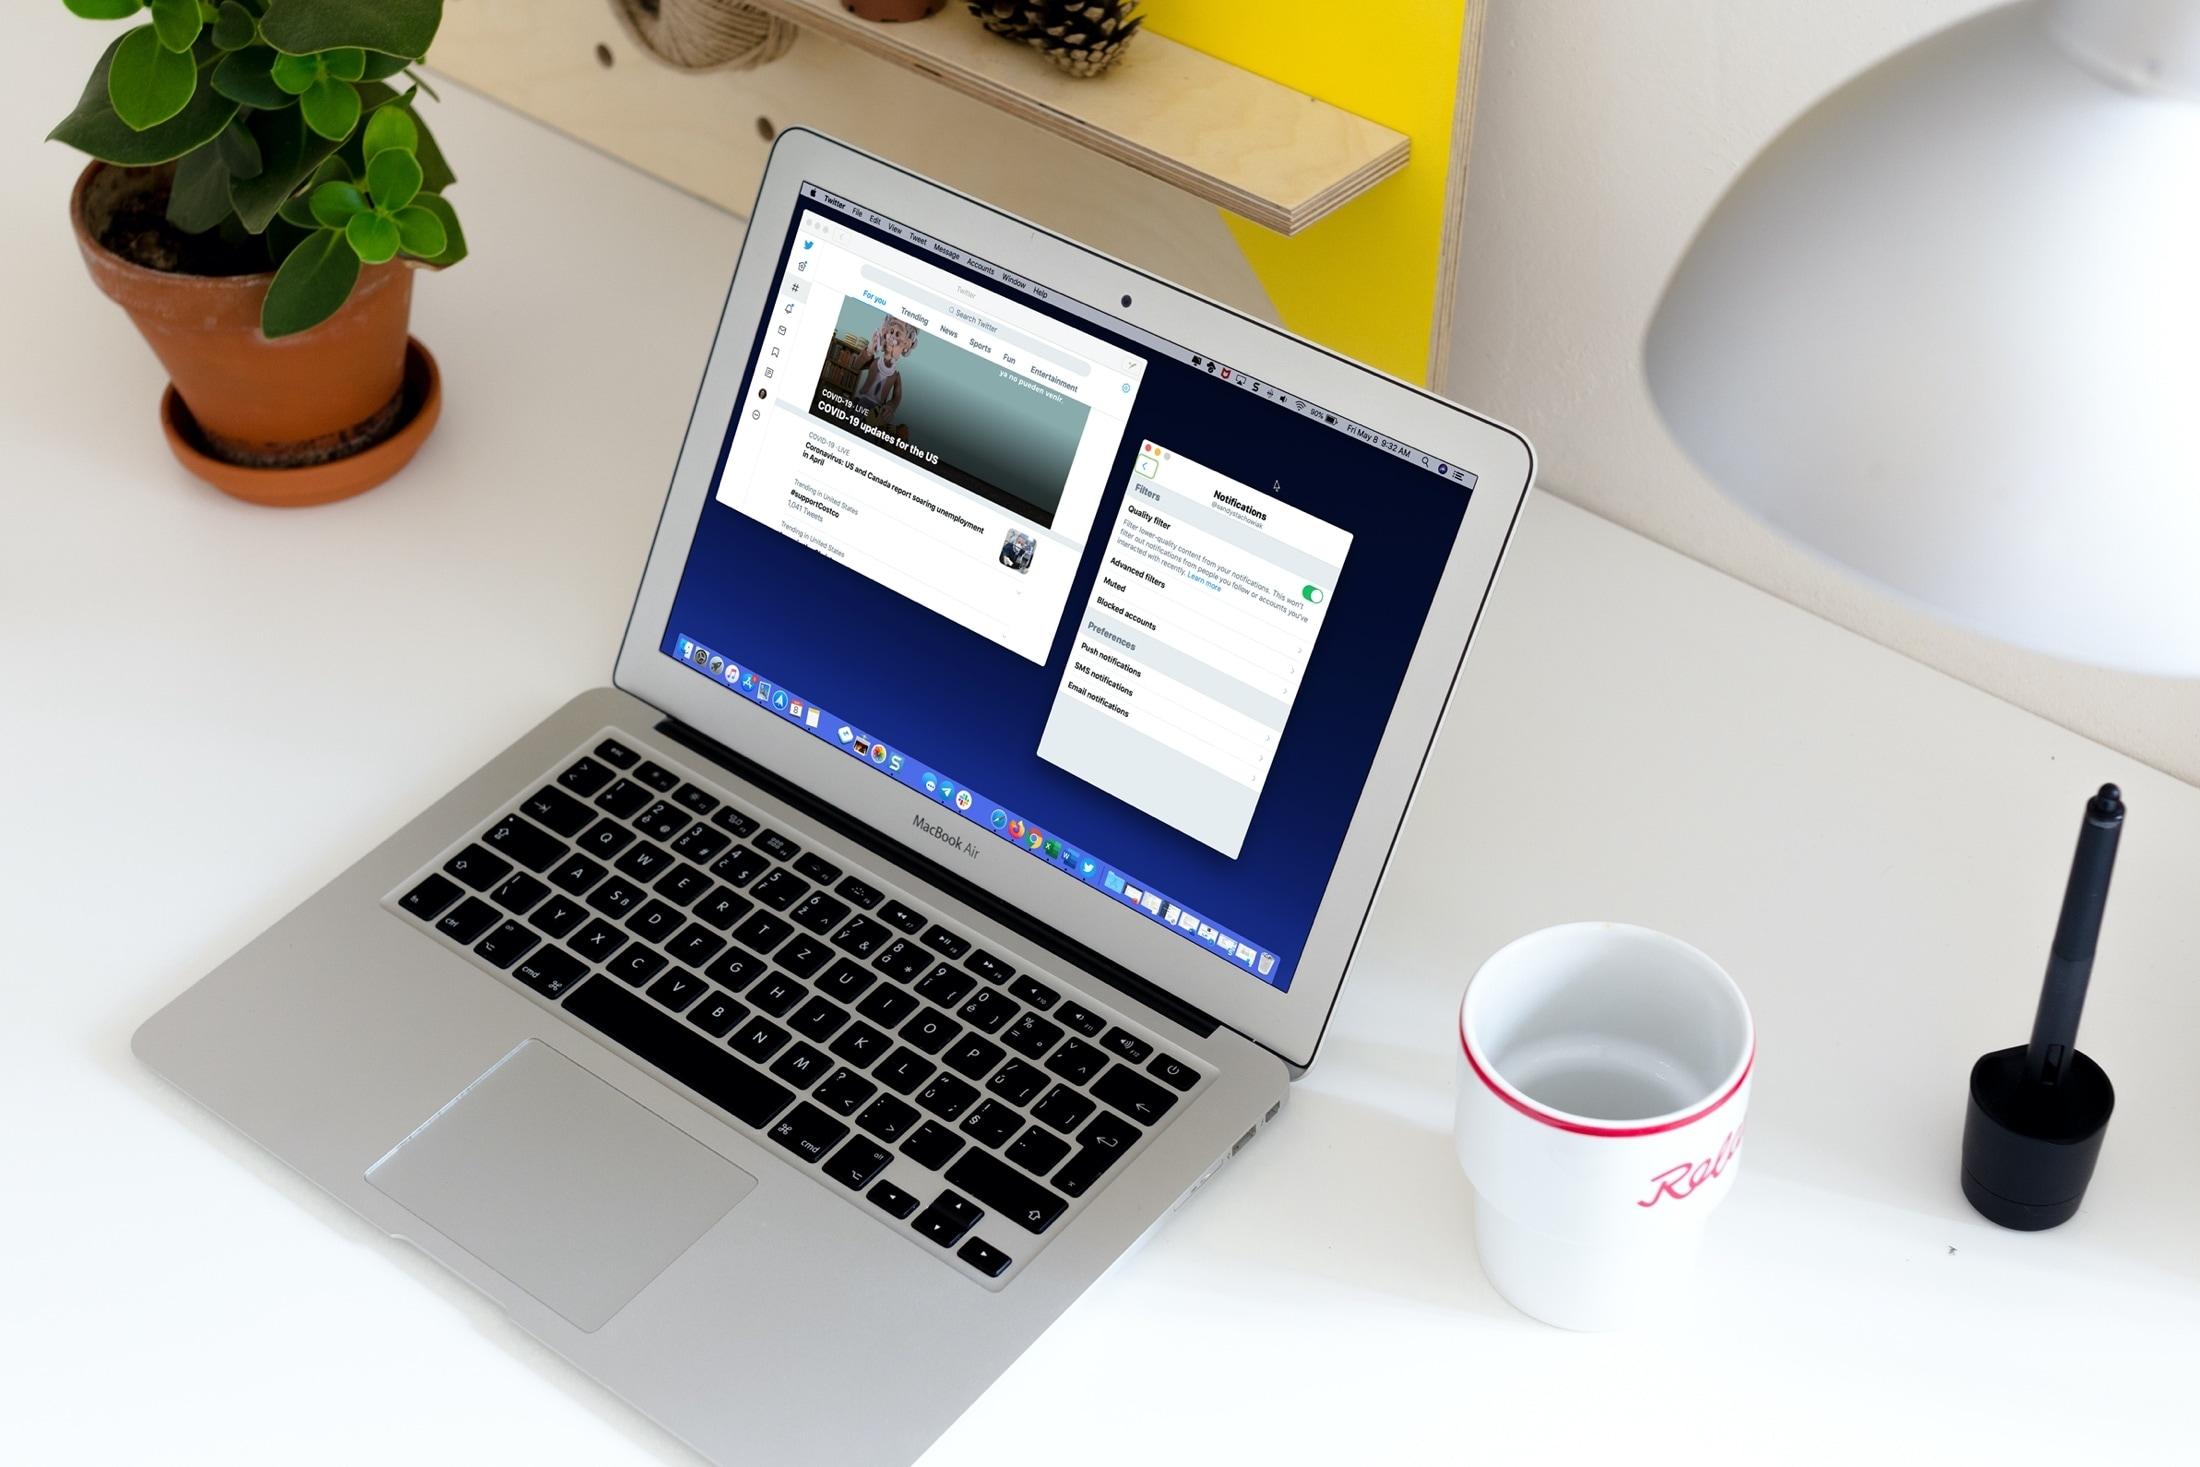 Aplicación de Twitter y MacBook de notificaciones